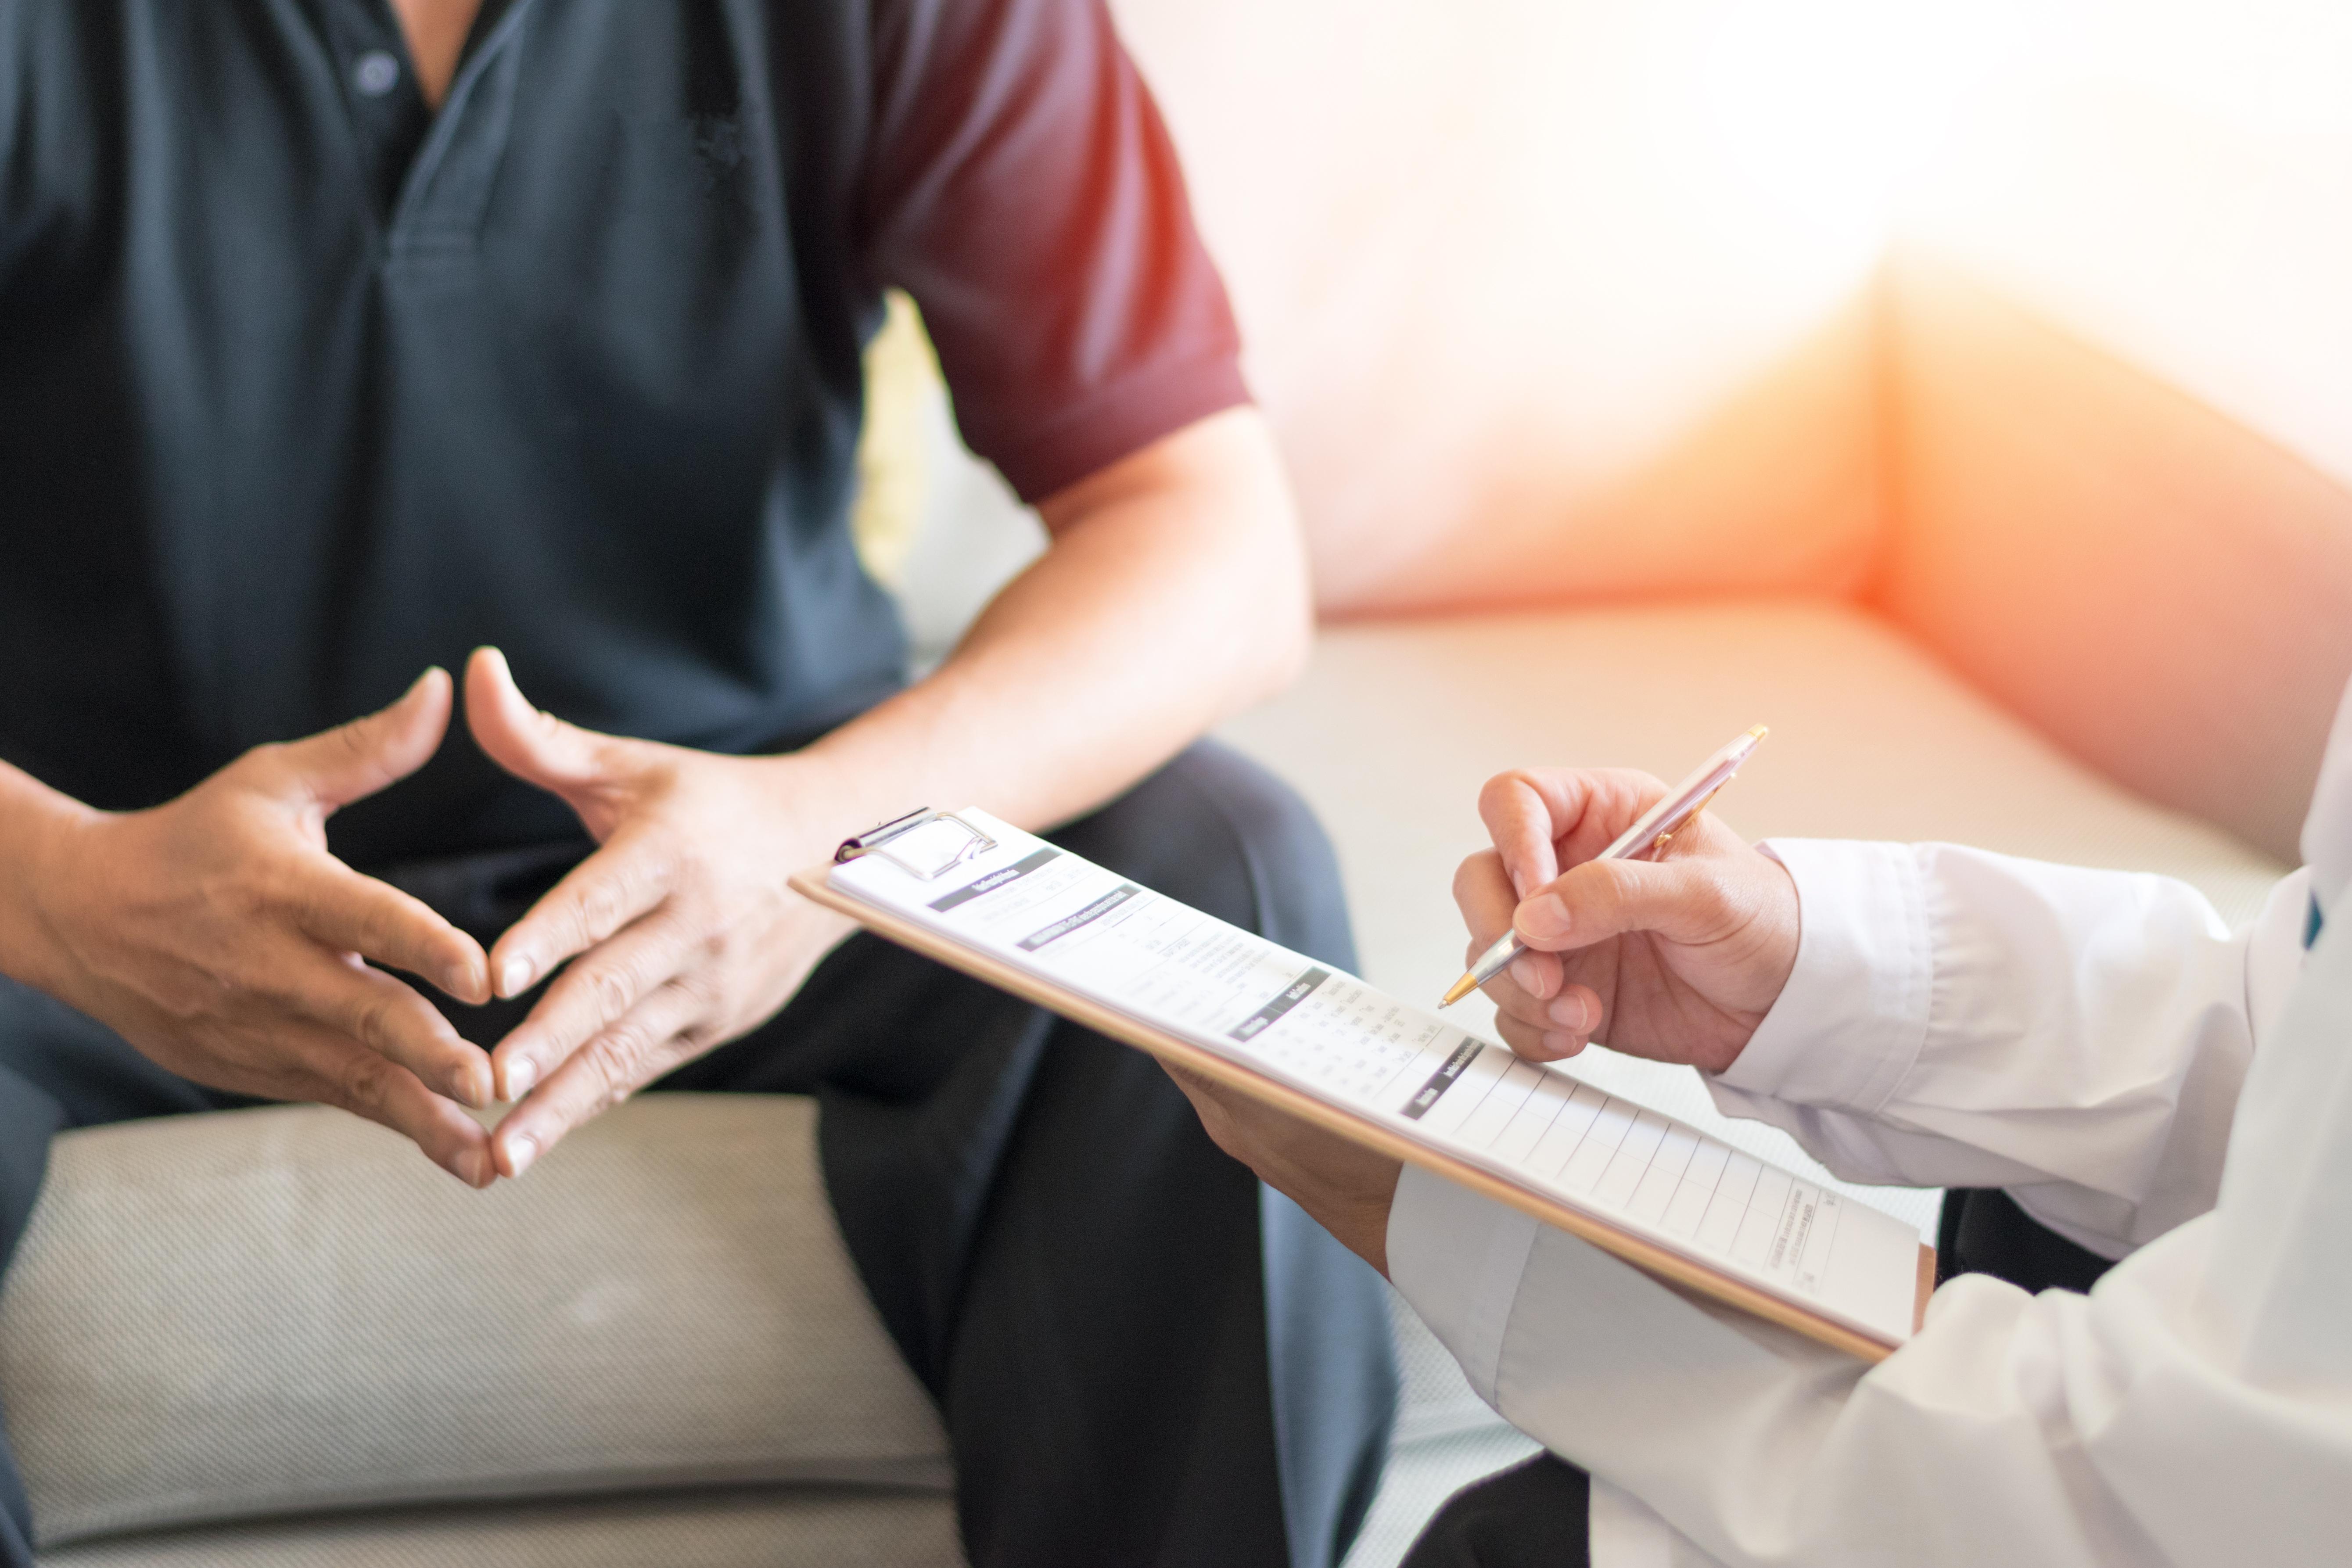 lytinių organų varpos liga nuotrauka su pratimais kaip padidinti nari